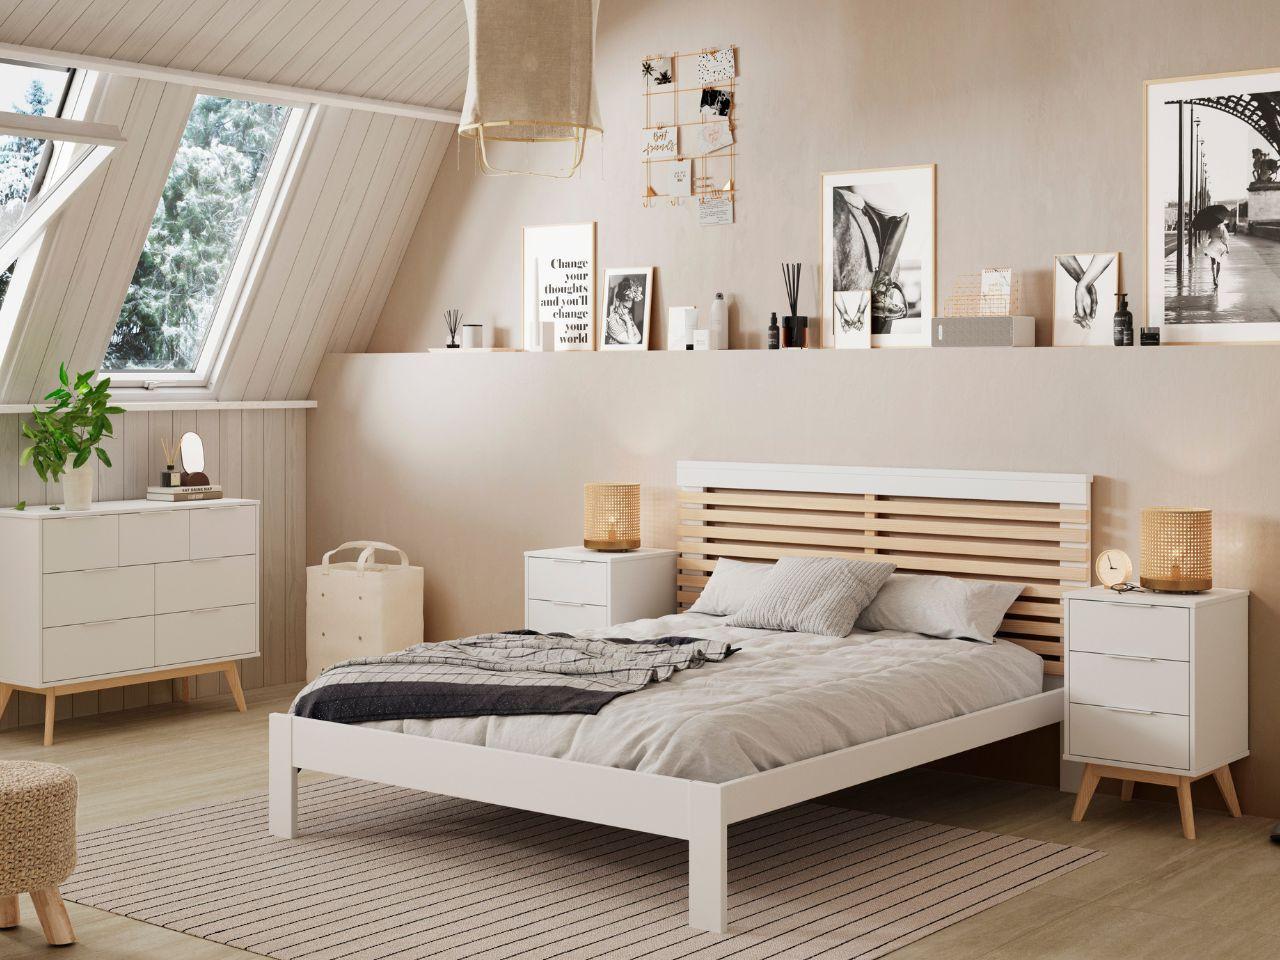 Sillas baratas de comedor excellent sillas tapizadas for Sillas bonitas y baratas